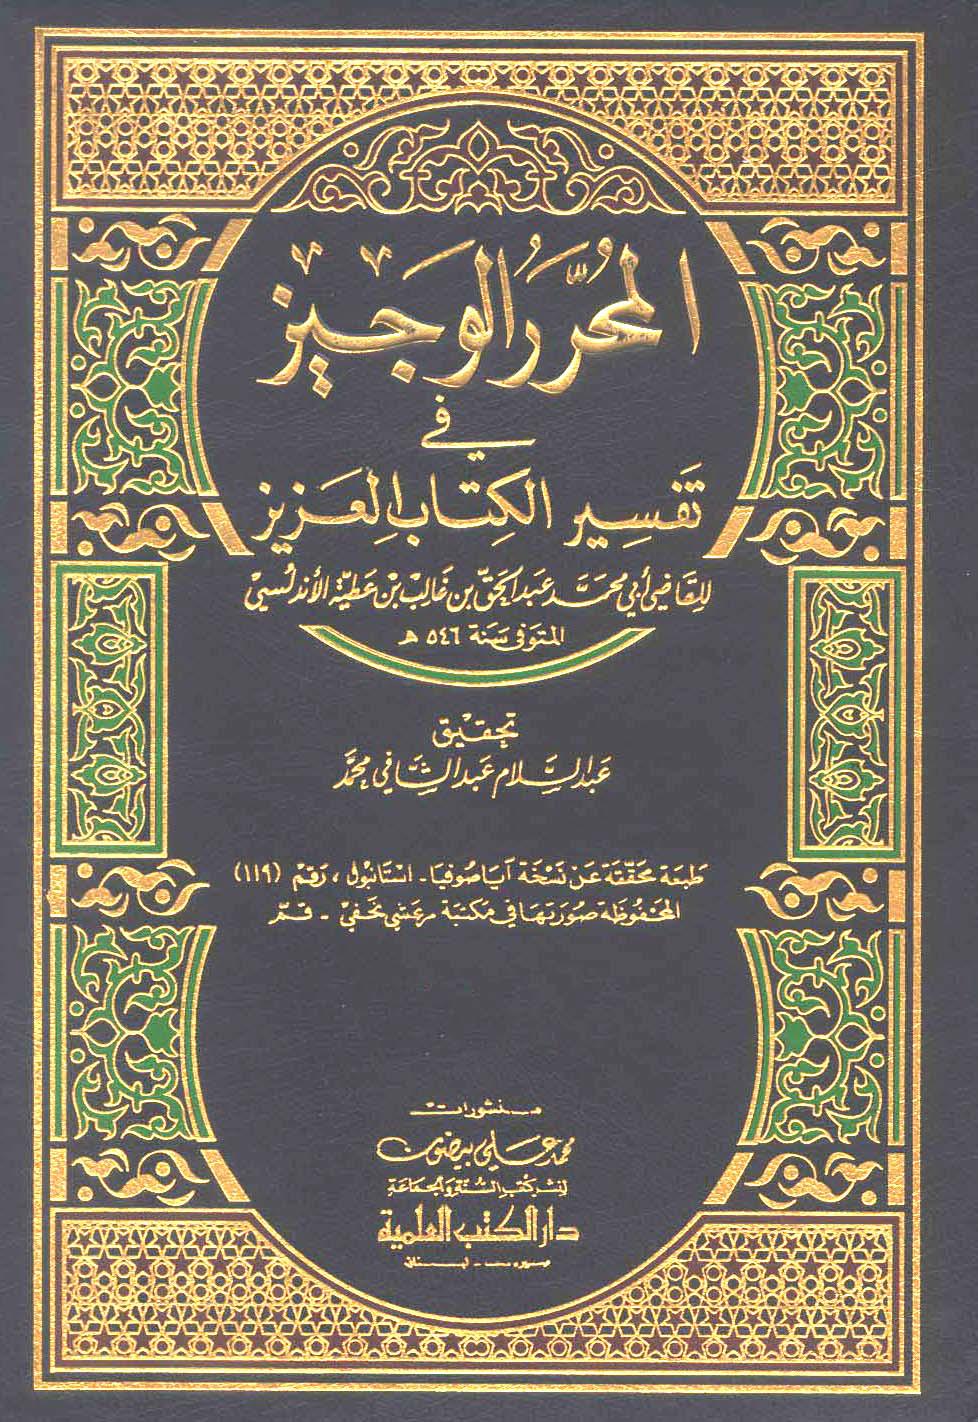 تحميل كتاب المحرر الوجيز في تفسير الكتاب العزيز لـِ: أبو محمد عبد الحق بن عطية الأندلسي